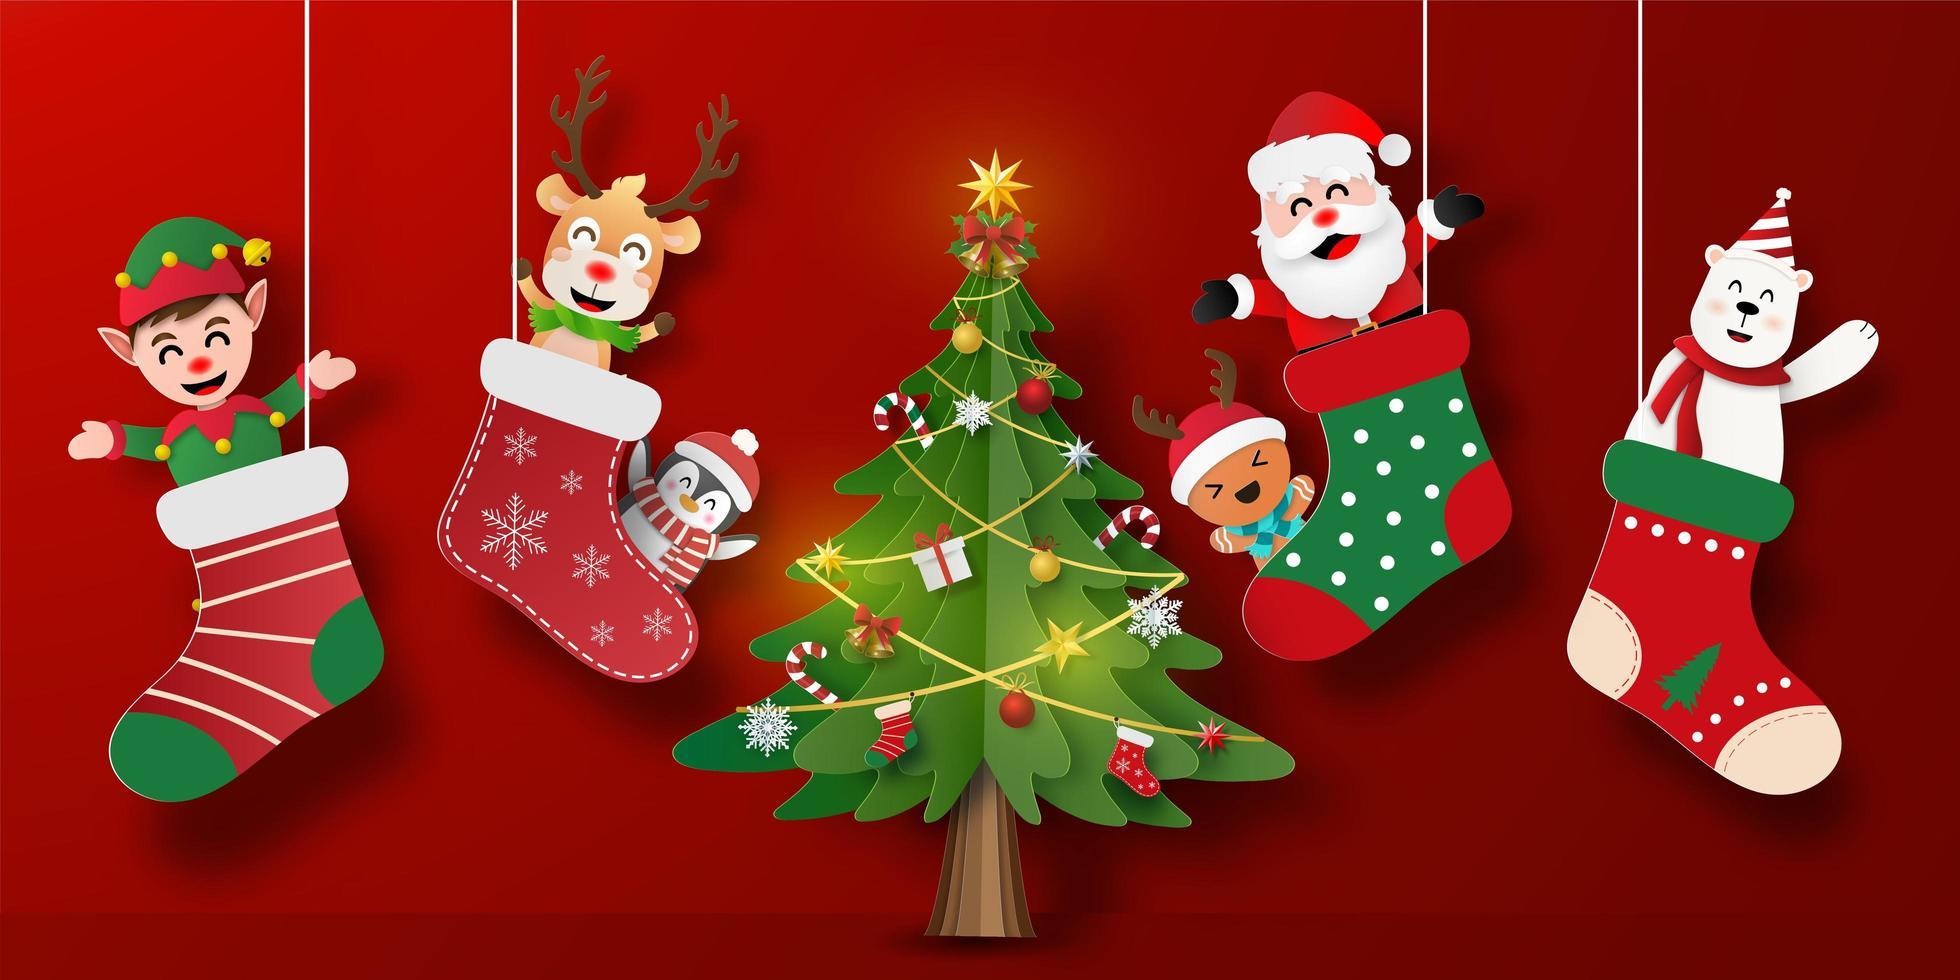 bannière de carte postale de noël du père noël et amis en chaussette de noël avec arbre de noël vecteur